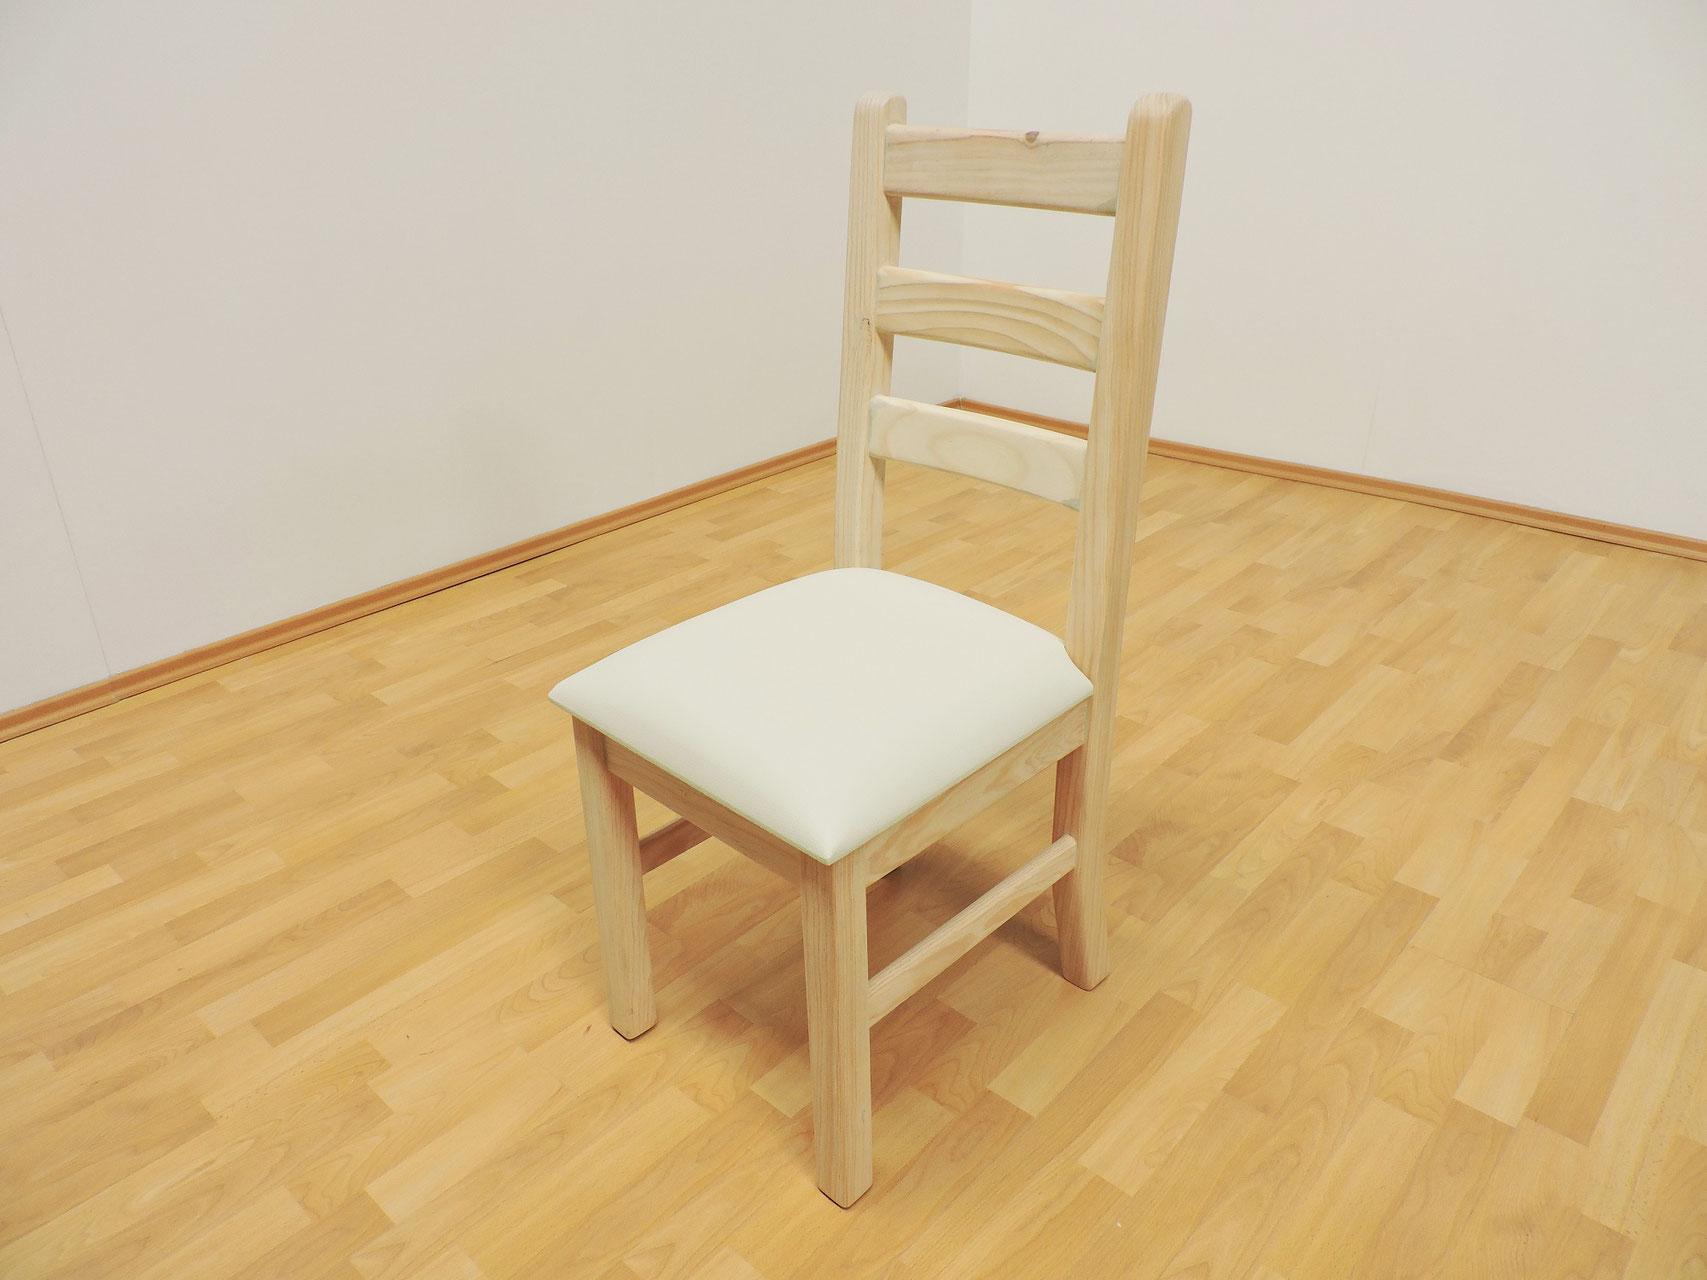 Sillas de madera muebles gm muebles de madera - Pintar sillas de madera ...